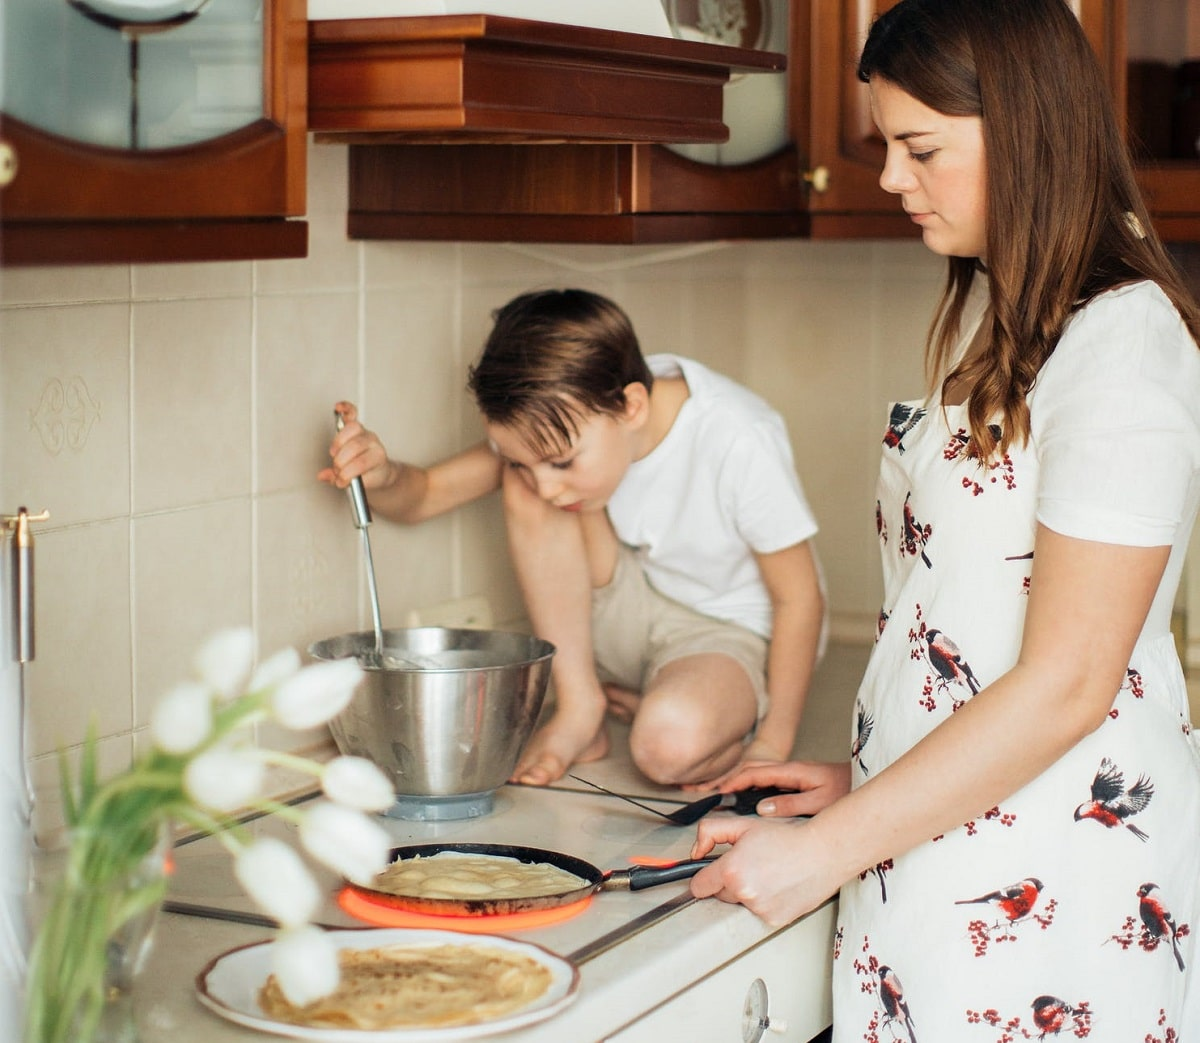 Haz recetas con tus hijos